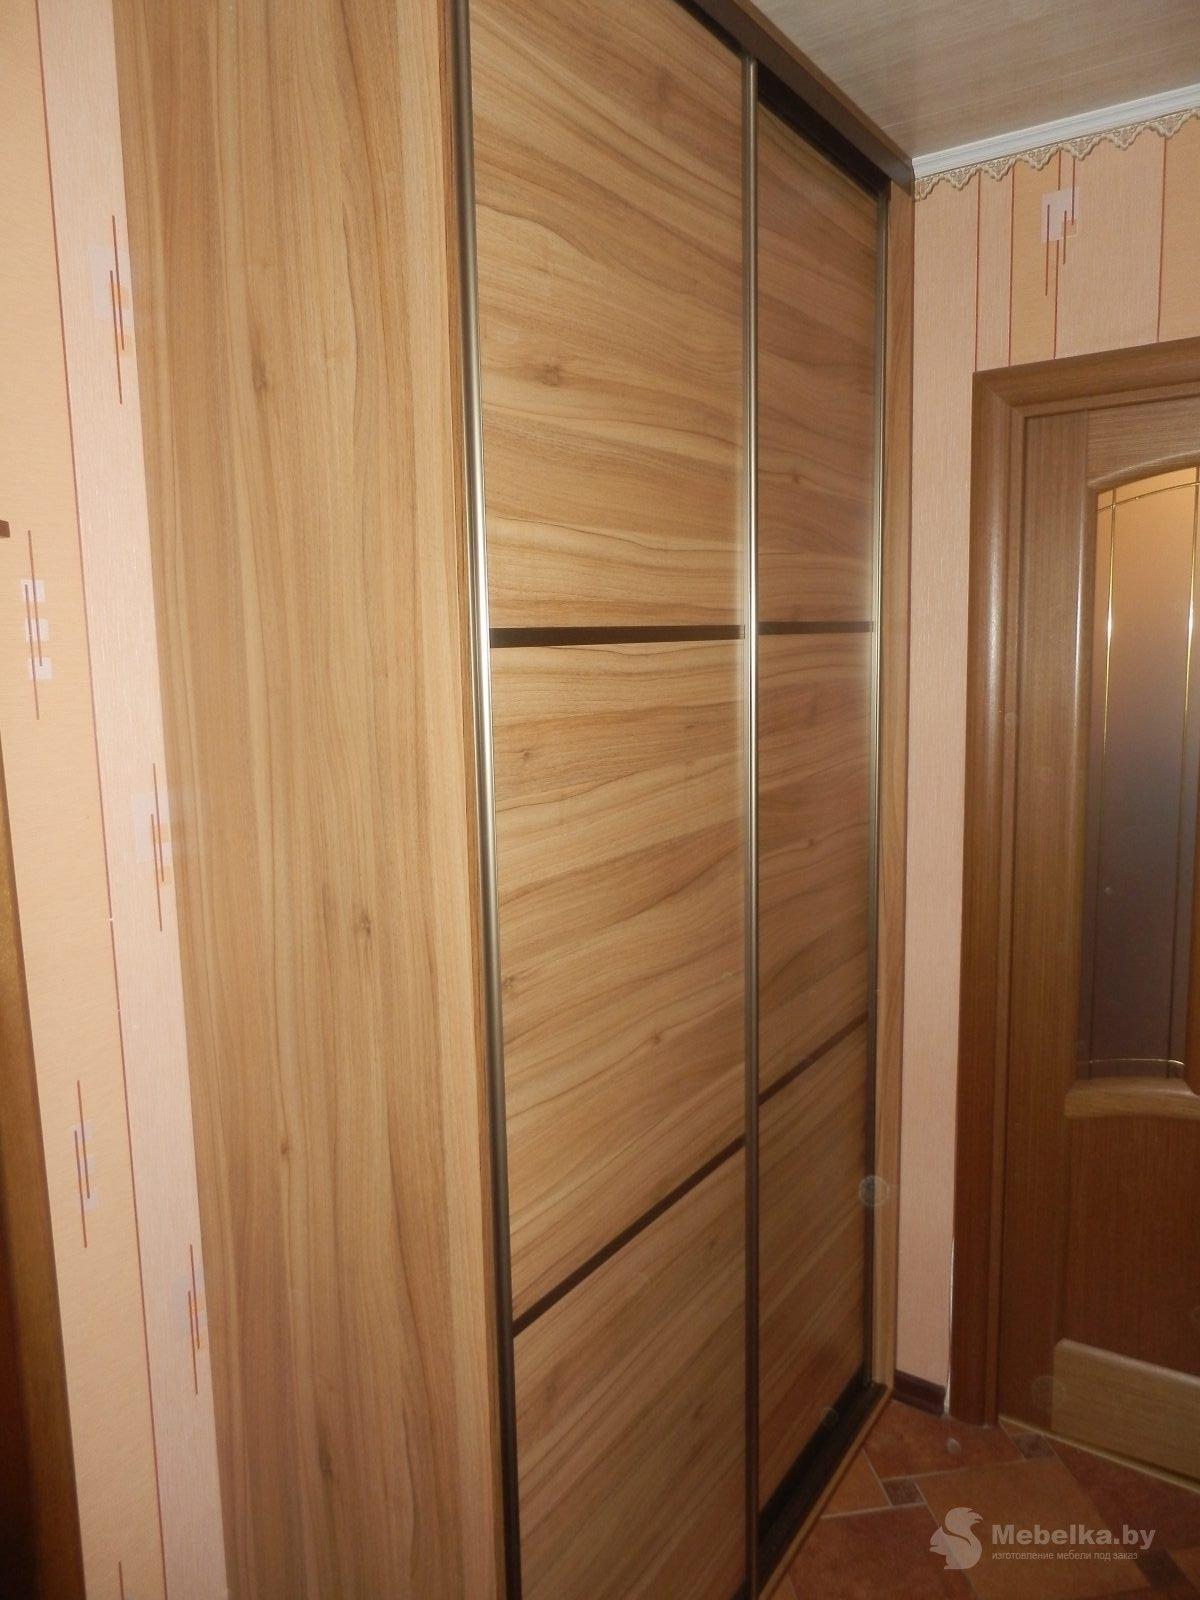 Шкаф-купе в коридоре возле кухни